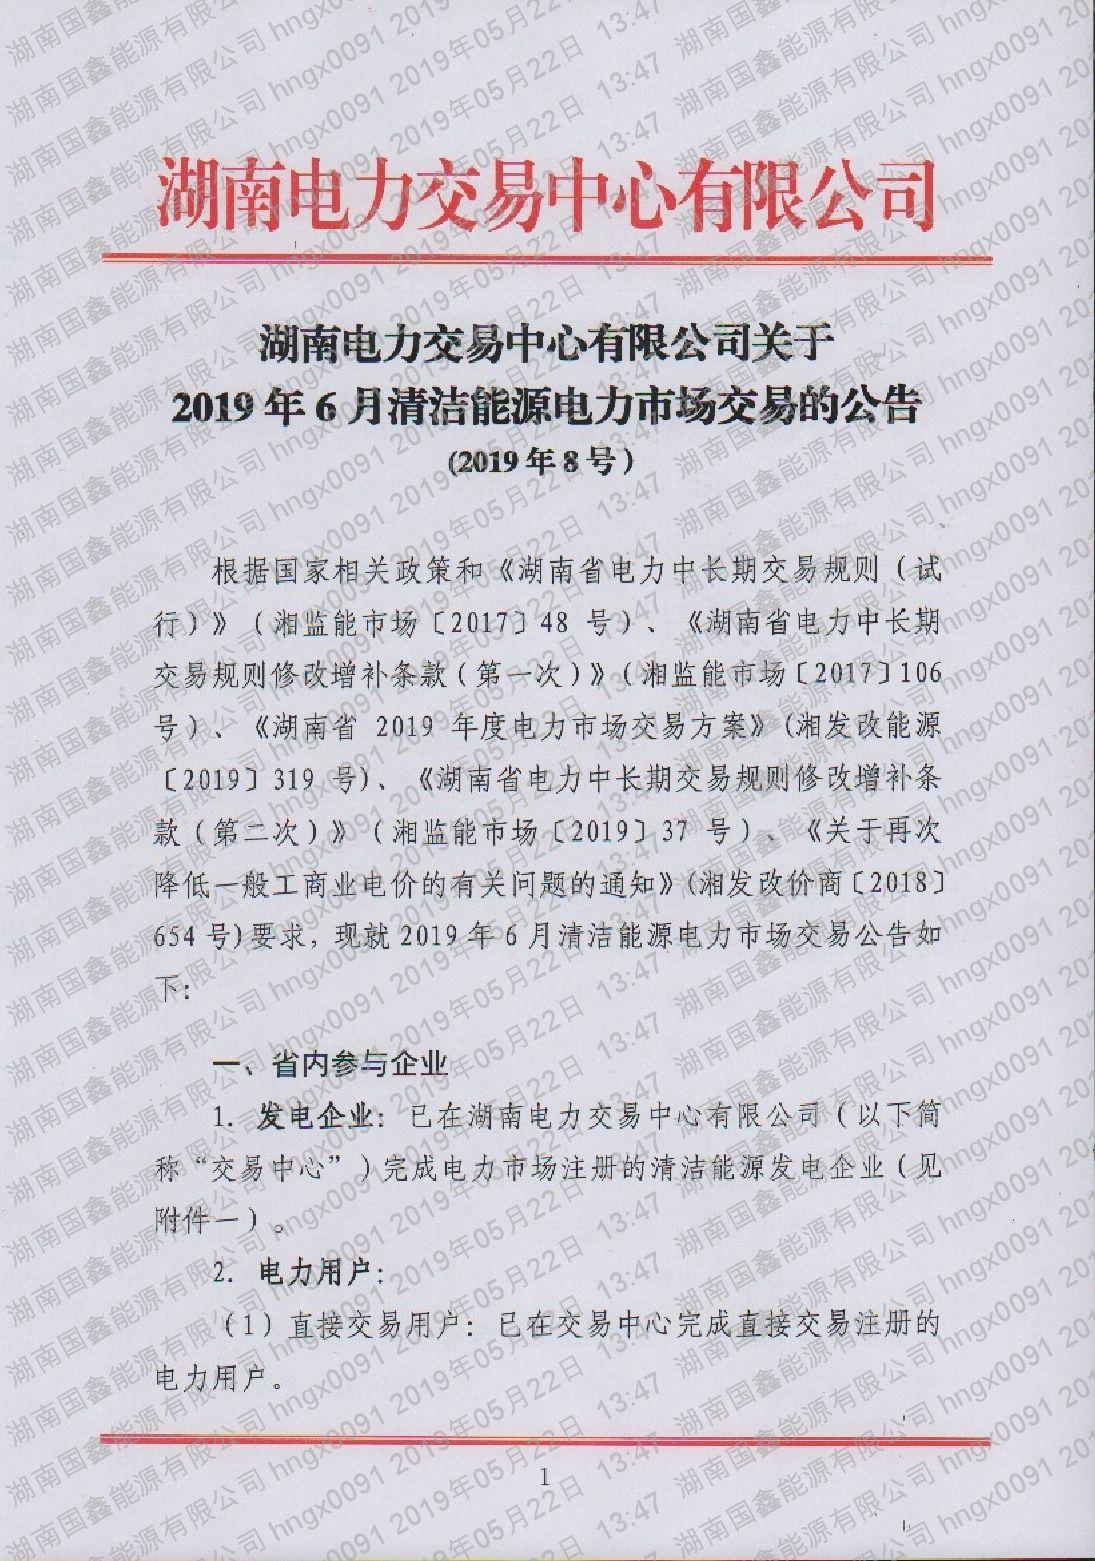 2019年第8號交易公告(6月清潔能源市場交易)(1).pdf_page_1_compressed.jpg